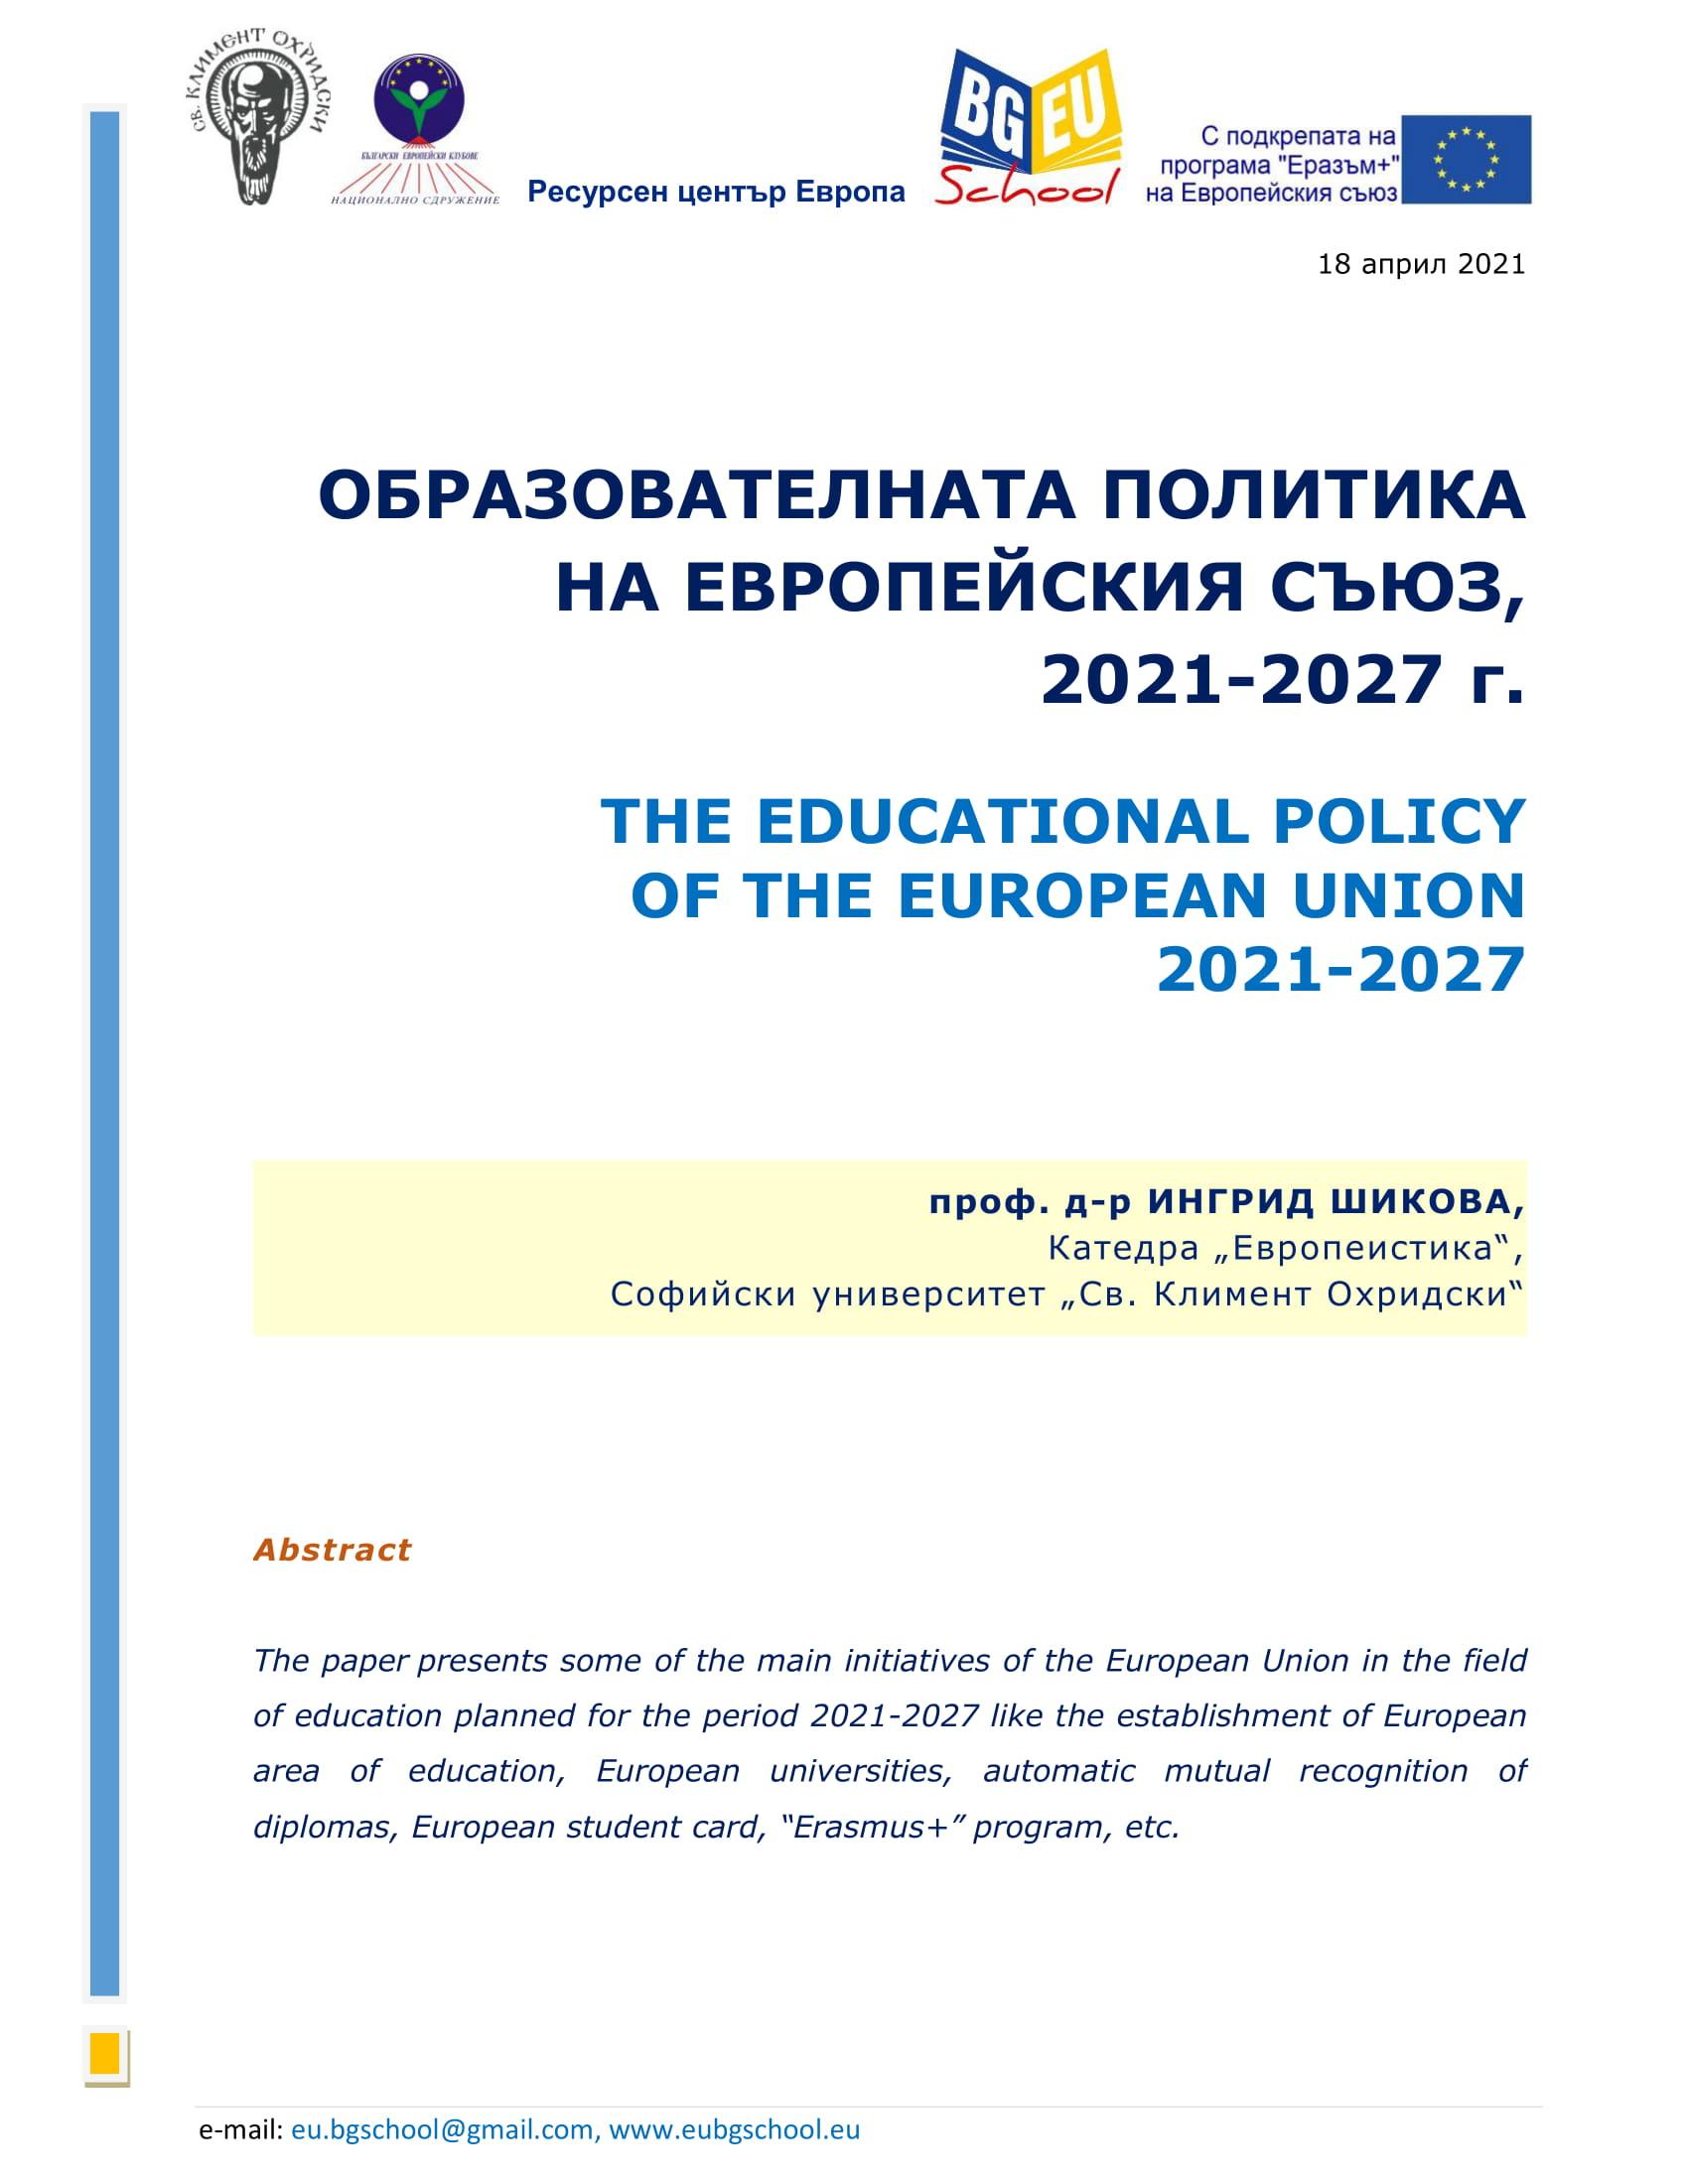 ОБРАЗОВАТЕЛНАТА ПОЛИТИКА НА ЕВРОПЕЙСКИЯ СЪЮЗ, 2021-2027 г.